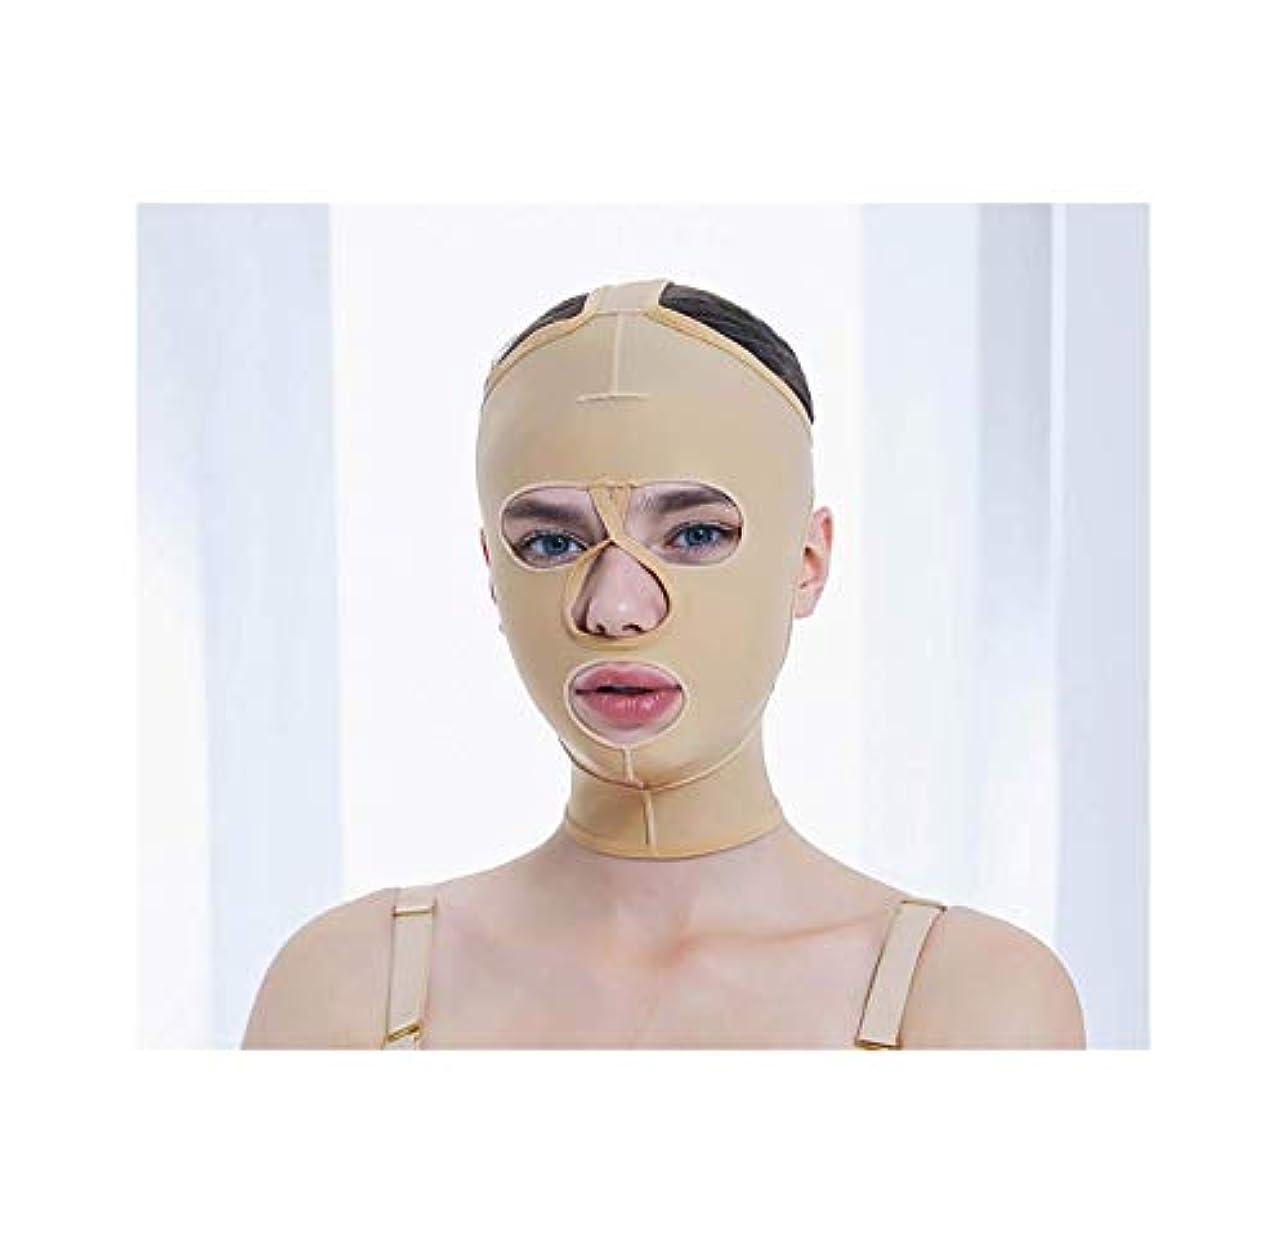 役職達成する属するフェイス&ネックリフト、減量フェイスマスク脂肪吸引術脂肪吸引整形マスクフードフェイスリフティングアーティファクトVフェイスビームフェイス弾性スリーブ(サイズ:XS),Xl